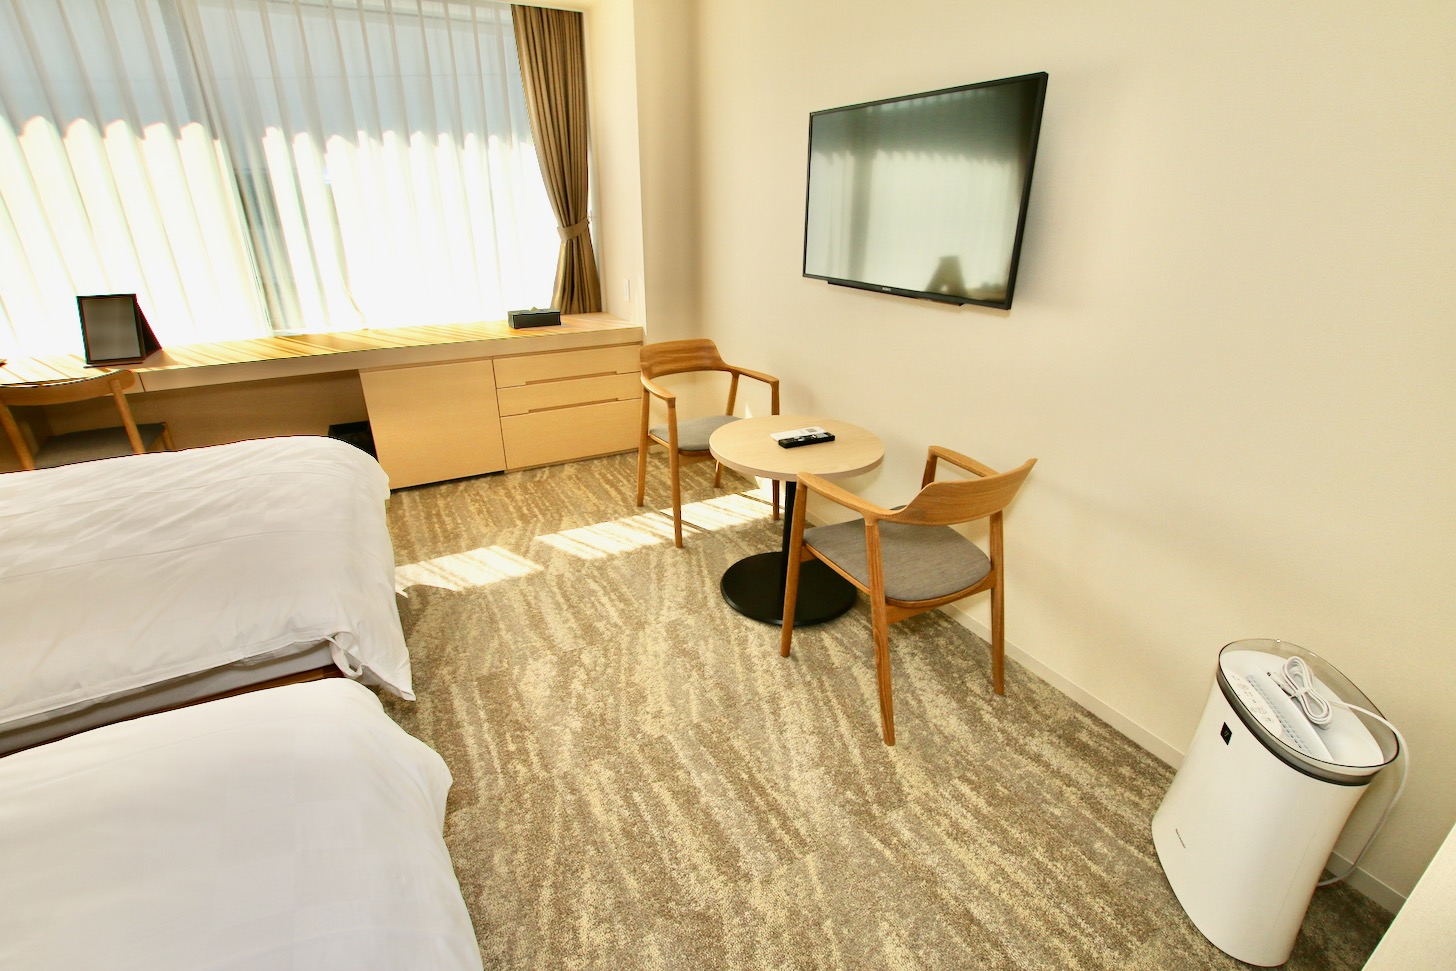 LINK FOREST ツインルーム(広さ31㎡/10室)には大きめの液晶テレビ、テーブル、イスセットも